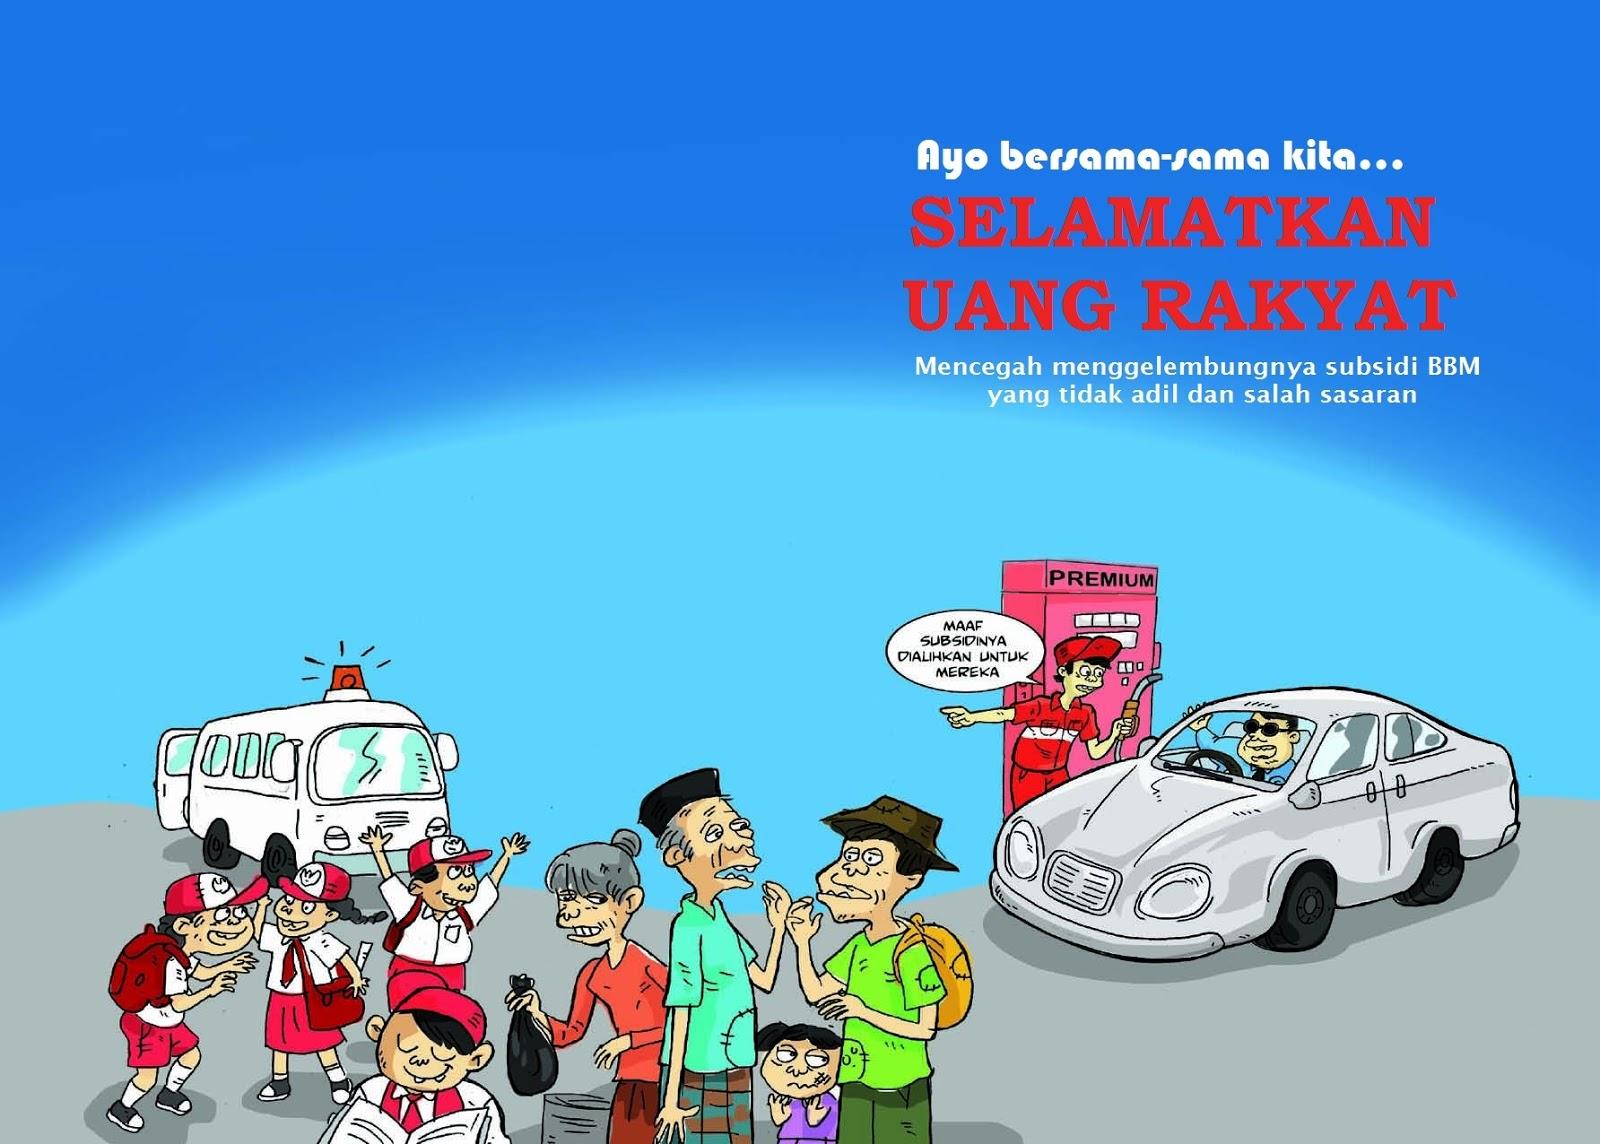 Subsidi orangnya bukan barangnya, Opini Indonesia